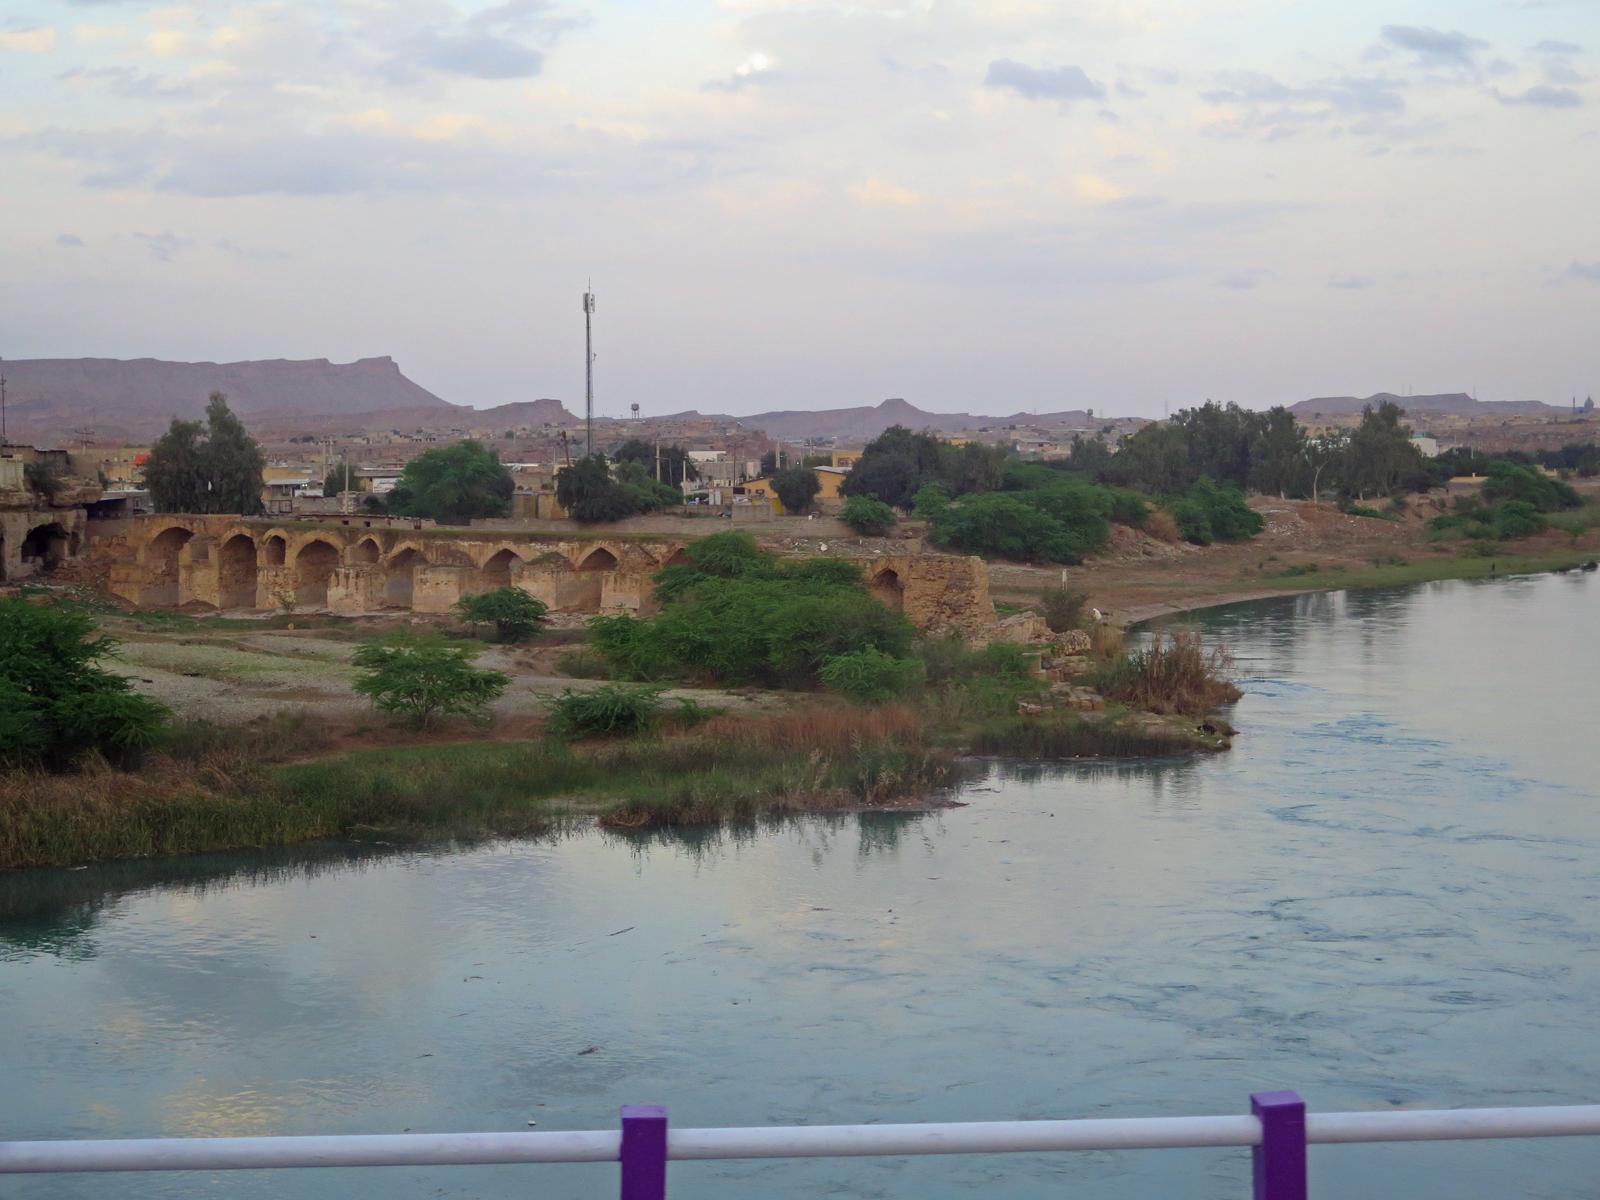 Historische Brücke bei Schuschtar, Iran